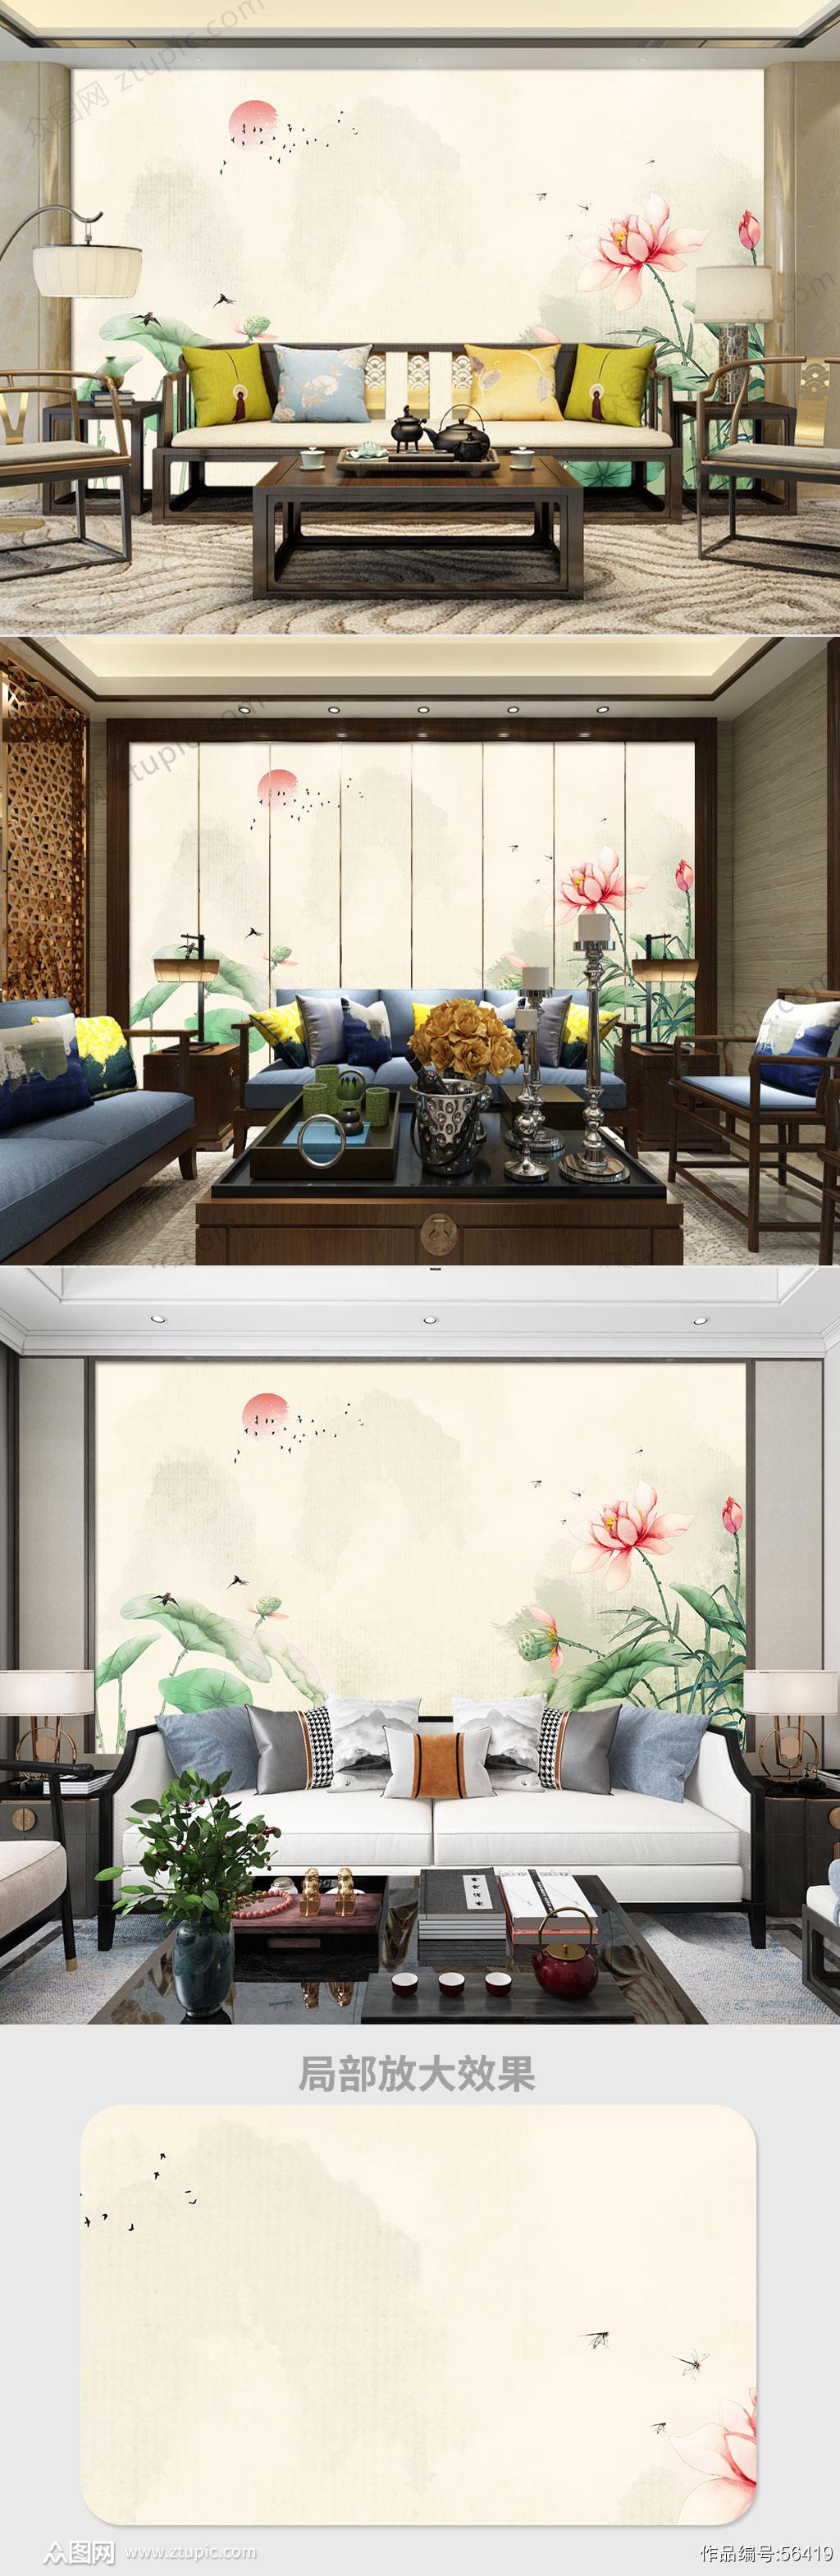 中式荷花背景墙素材